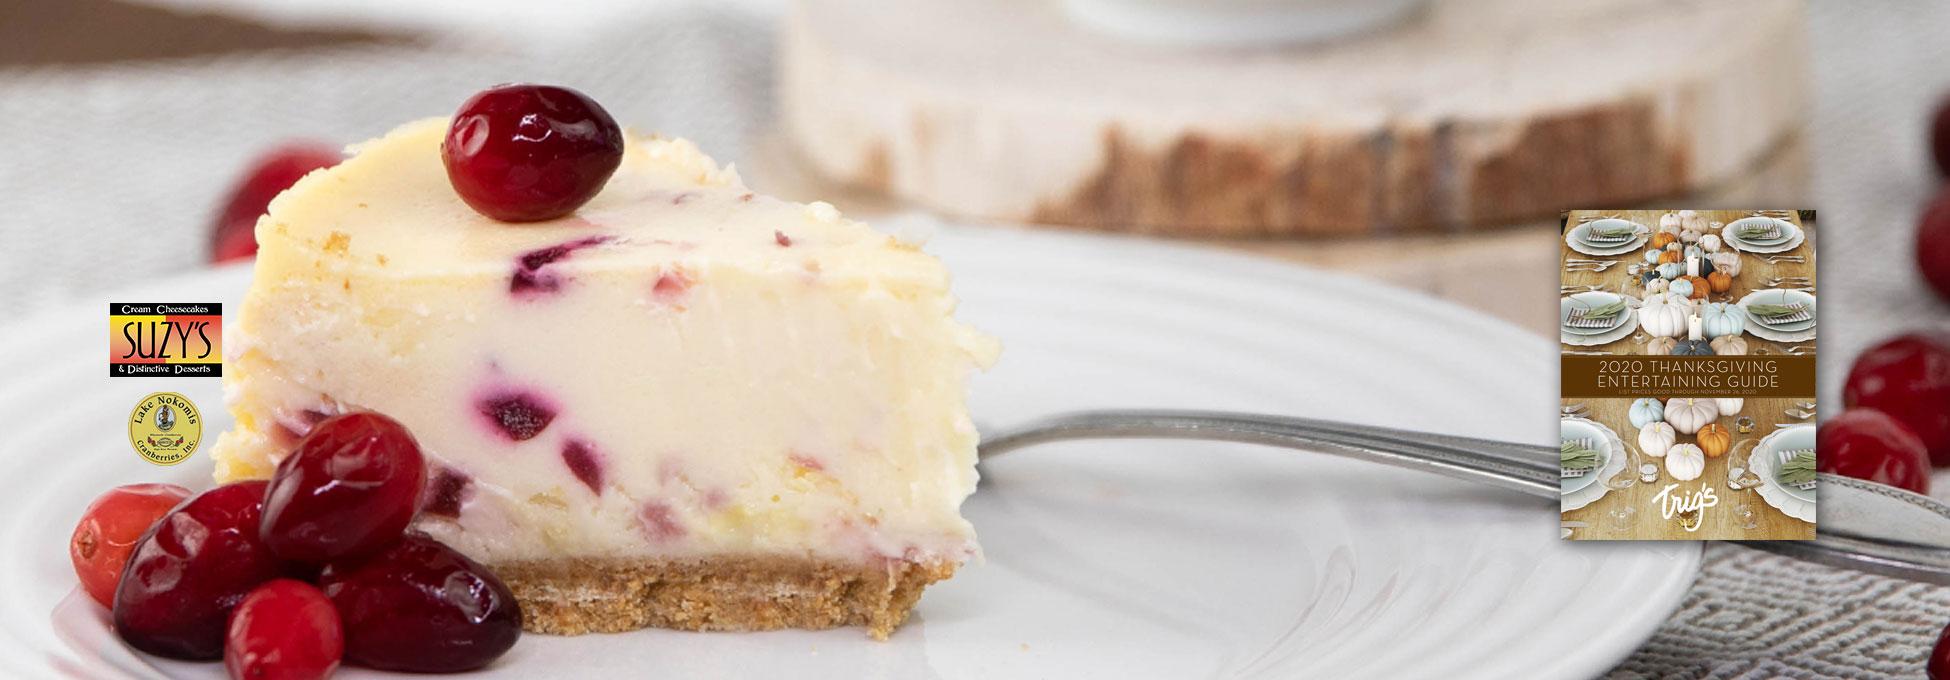 trigs-homepg-white-chocolate-cranberry-cheesecake.jpg